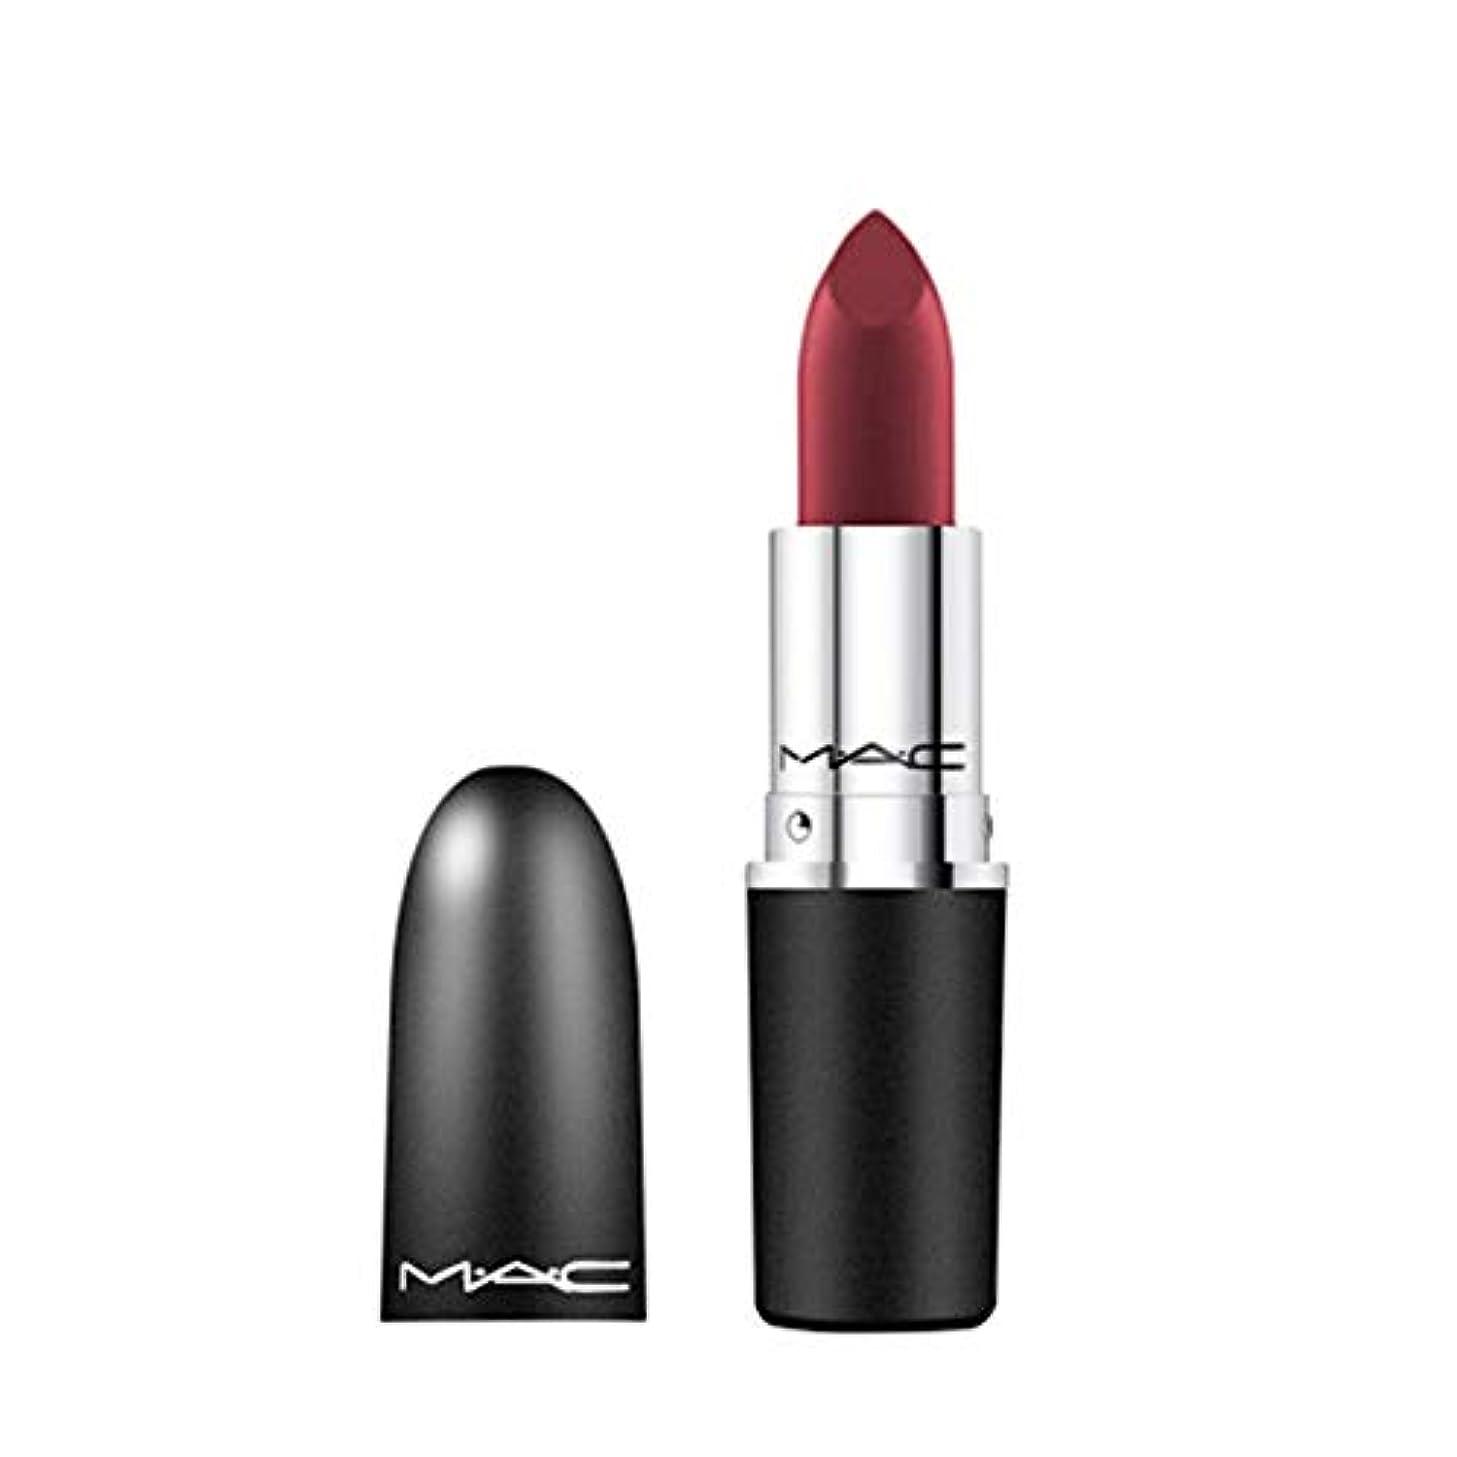 1pc マック(MAC) リップ スティック #DIVA 3g[並行輸入品]